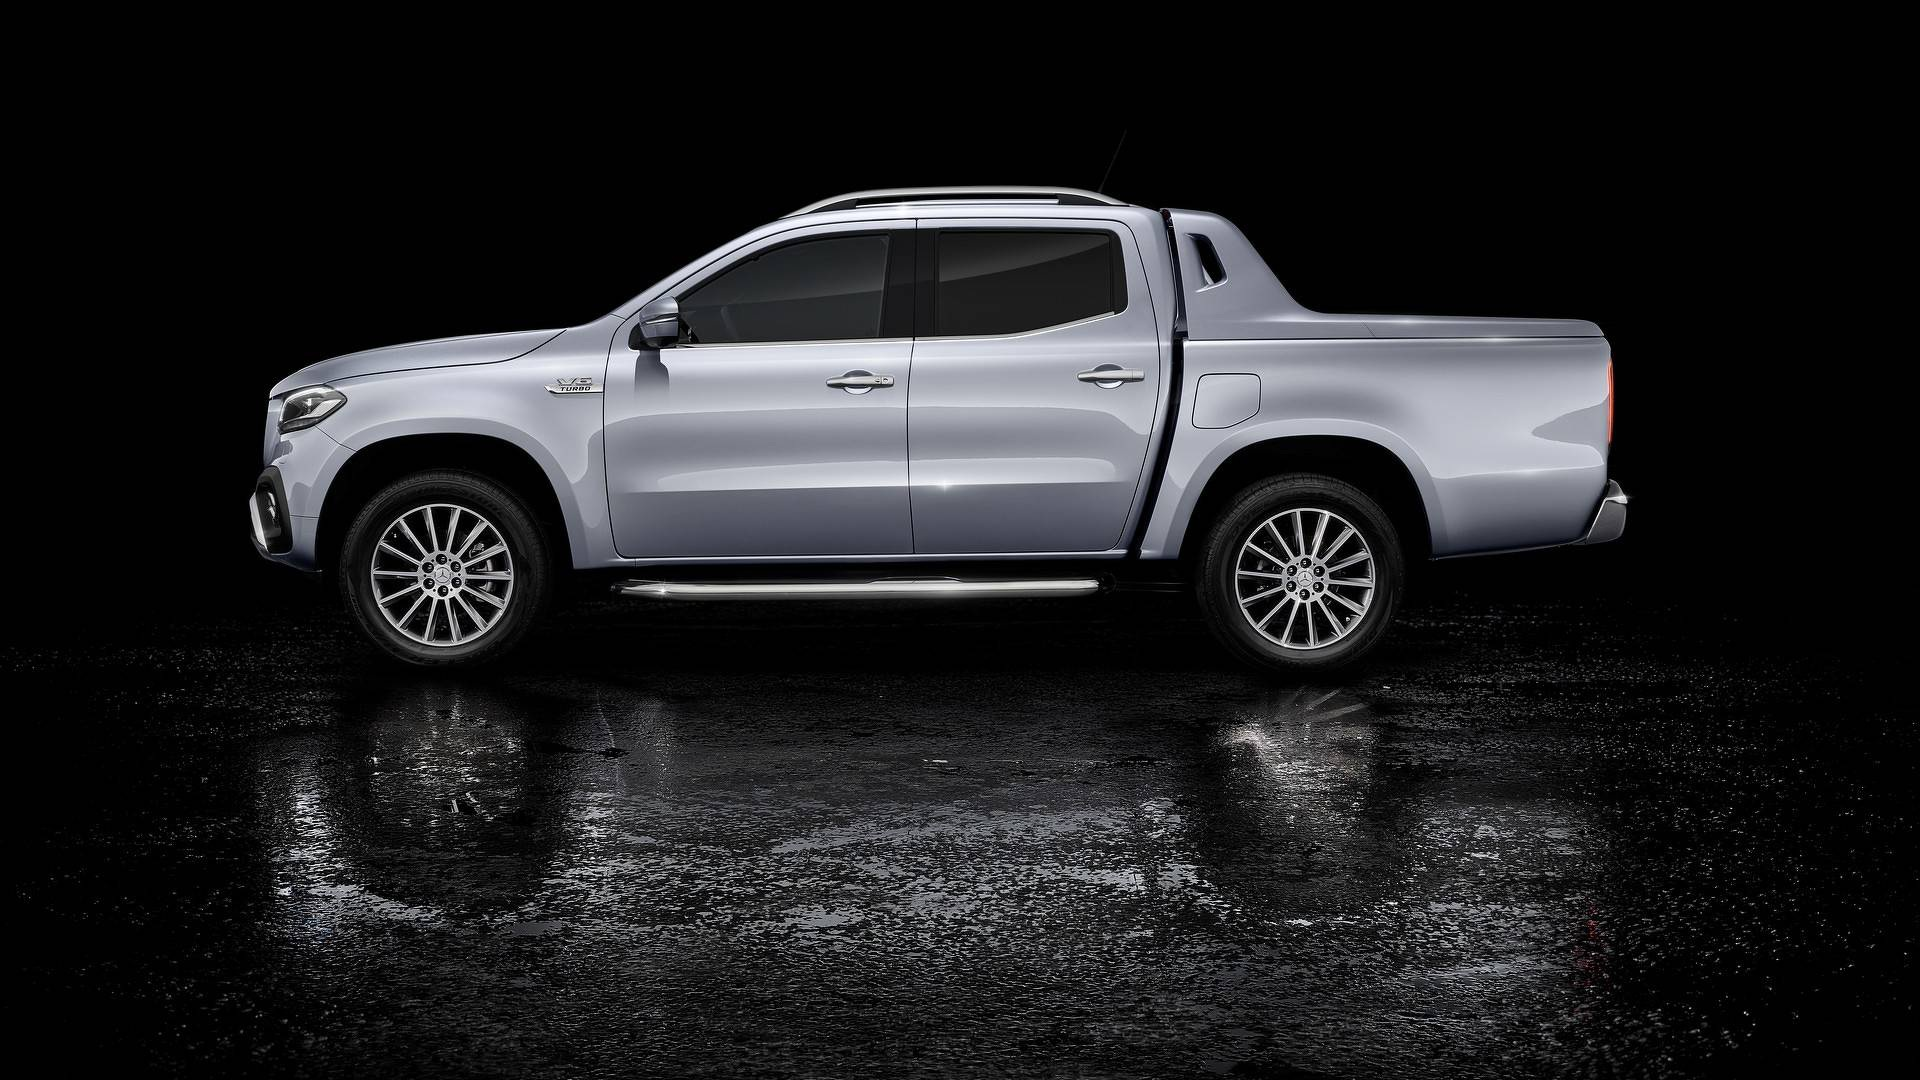 Lý do gì khiến Mercedes-Benz ngừng sản xuất xe bán tải X-Class? - 1